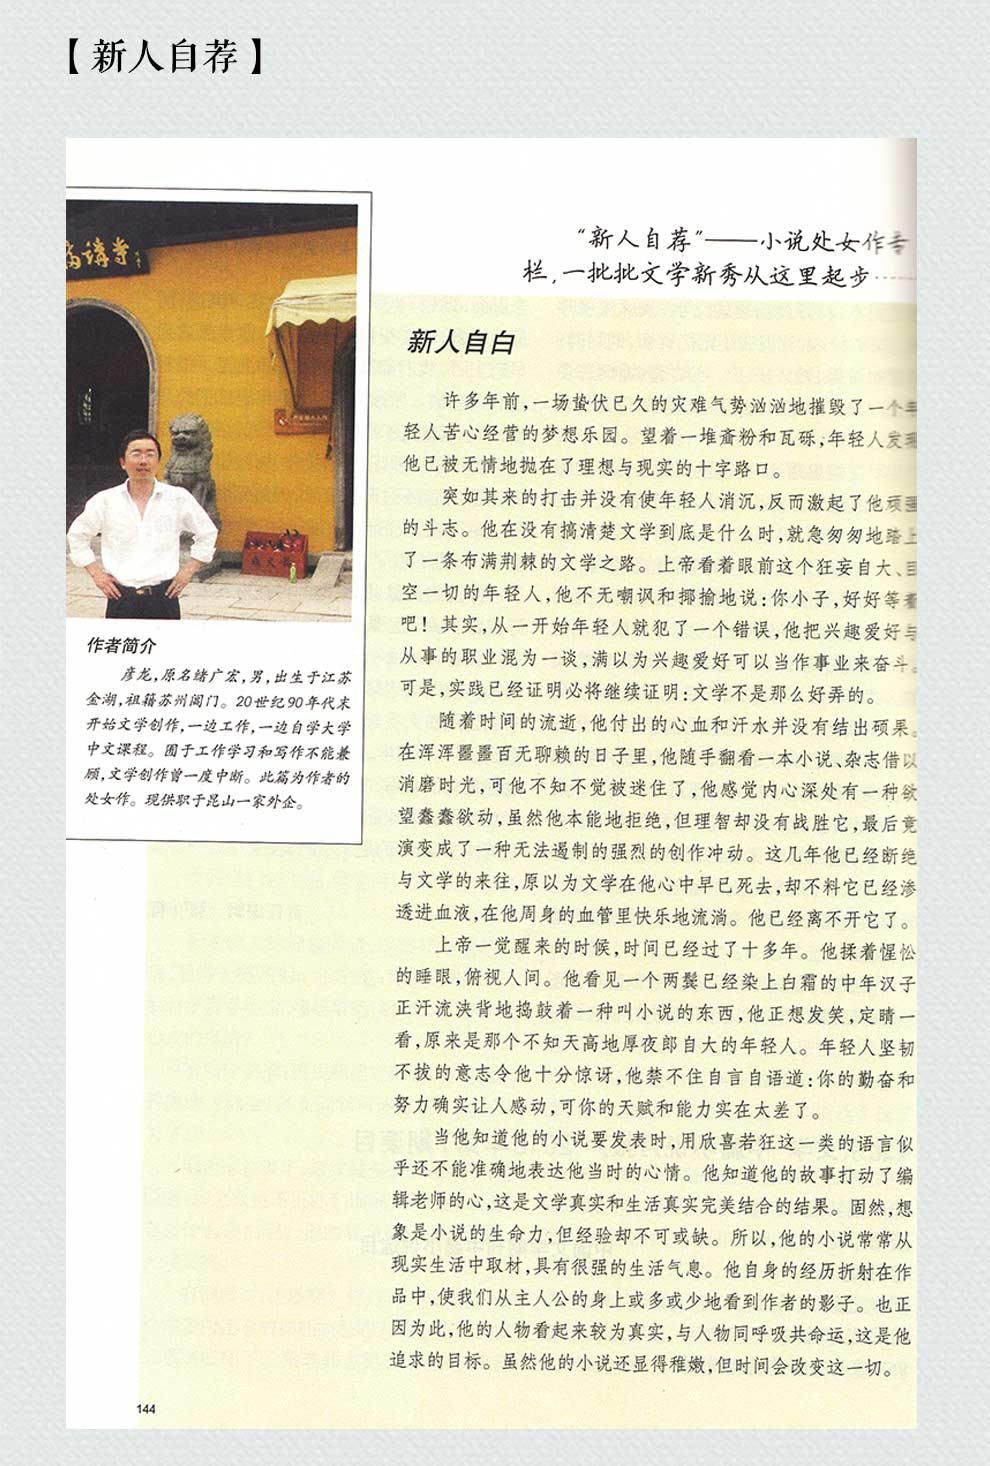 2019报告文学排行榜_周嘉宁钻石天空 甫跃辉鱼王